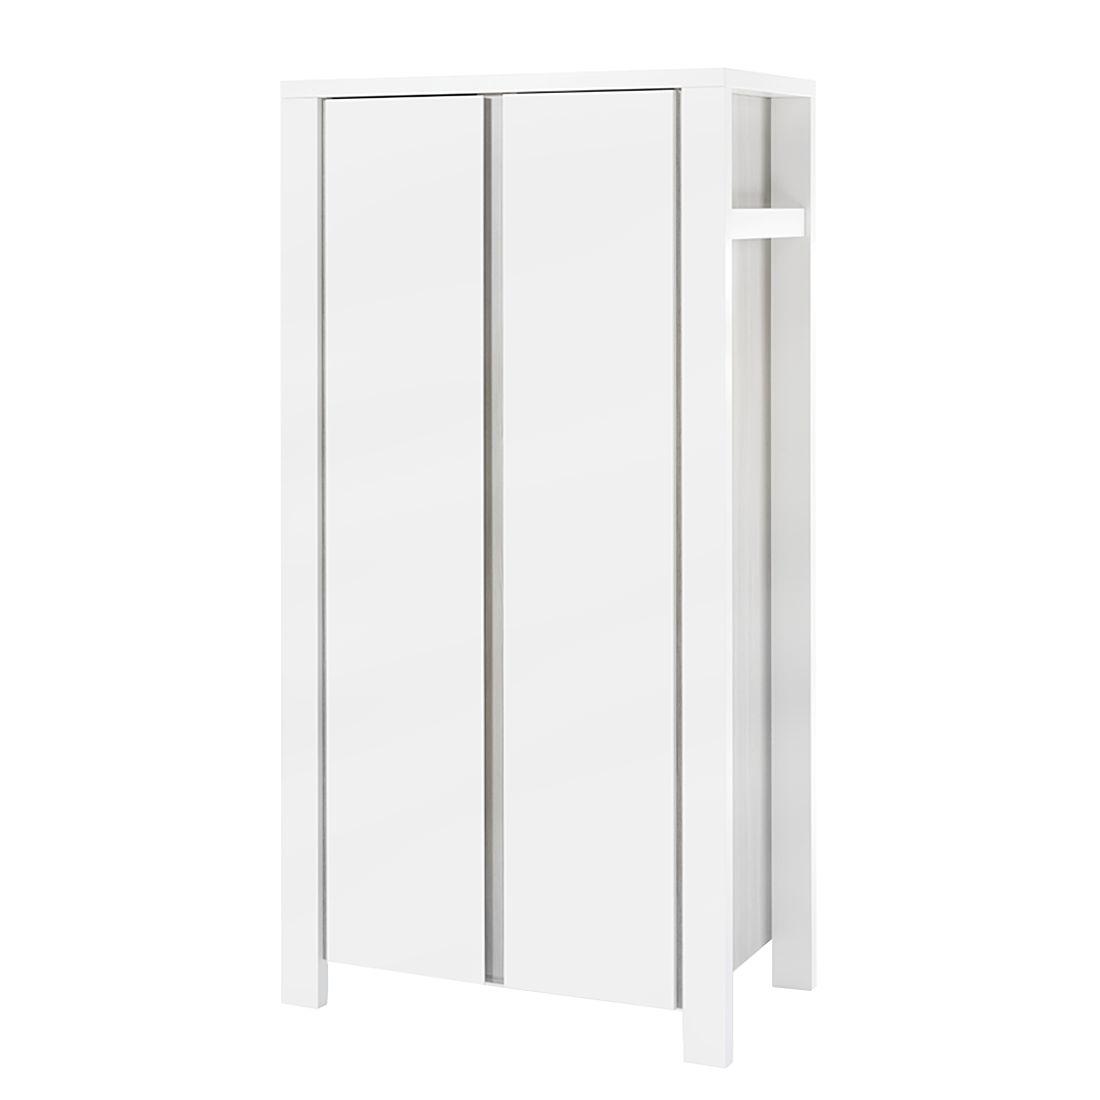 Kleiderschrank Milano - Pinie Silber Dekor/Weiß - 110 cm (2-türig), Schardt